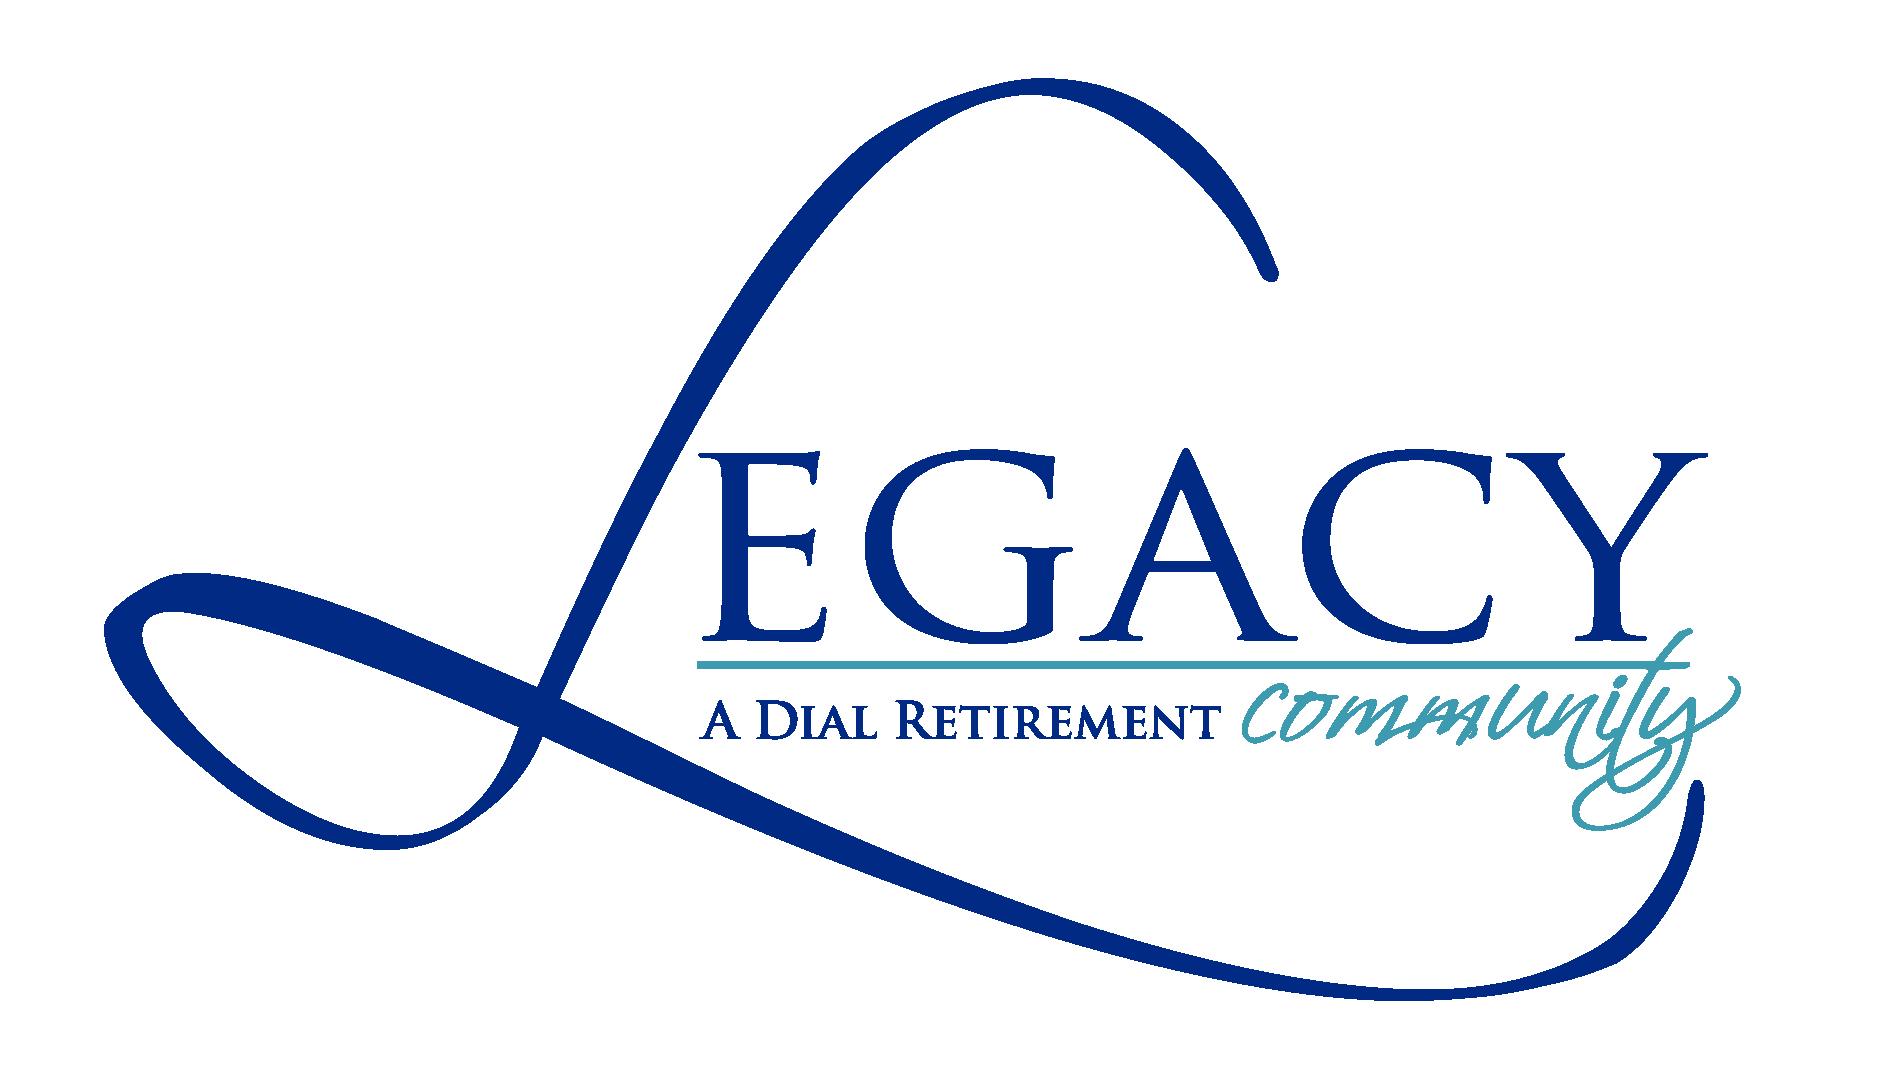 Legacy Logo Mission